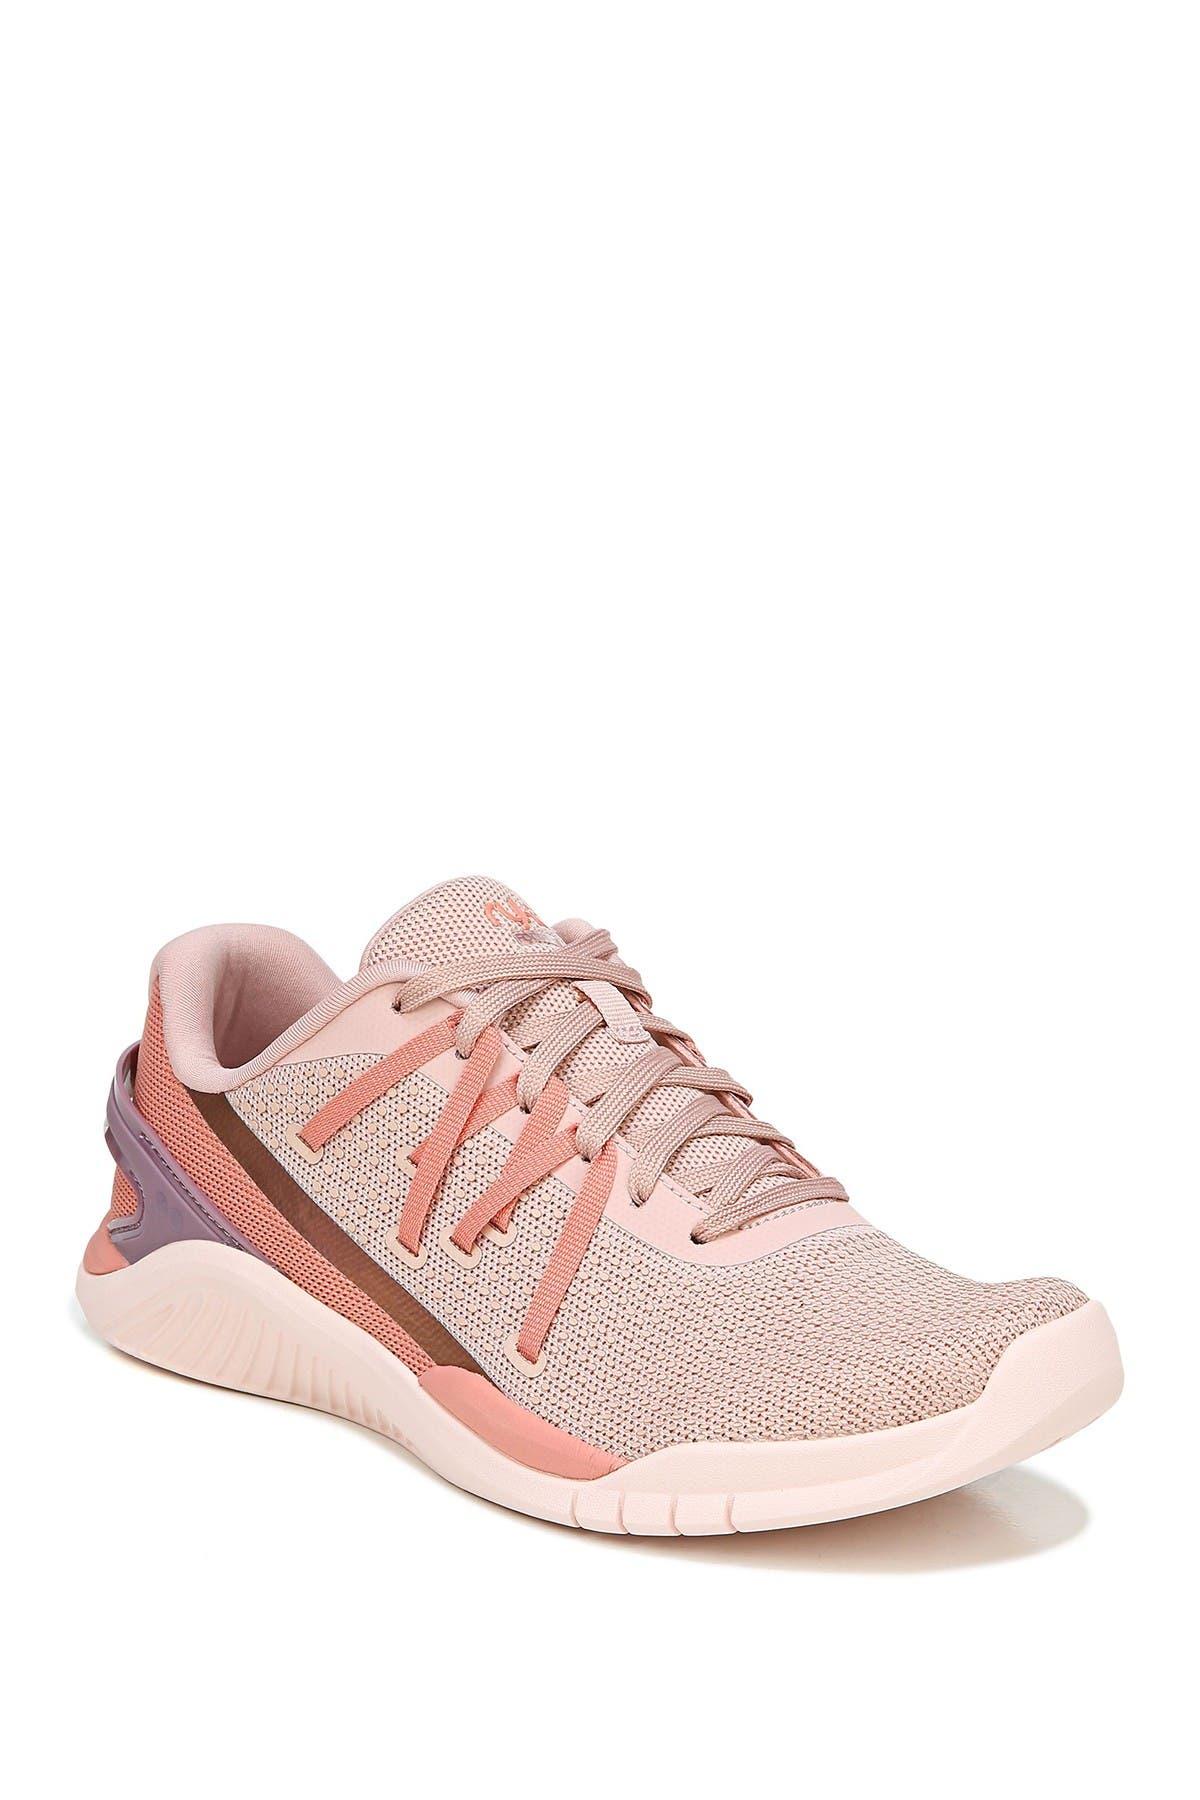 Image of Ryka Focus XT Sneaker